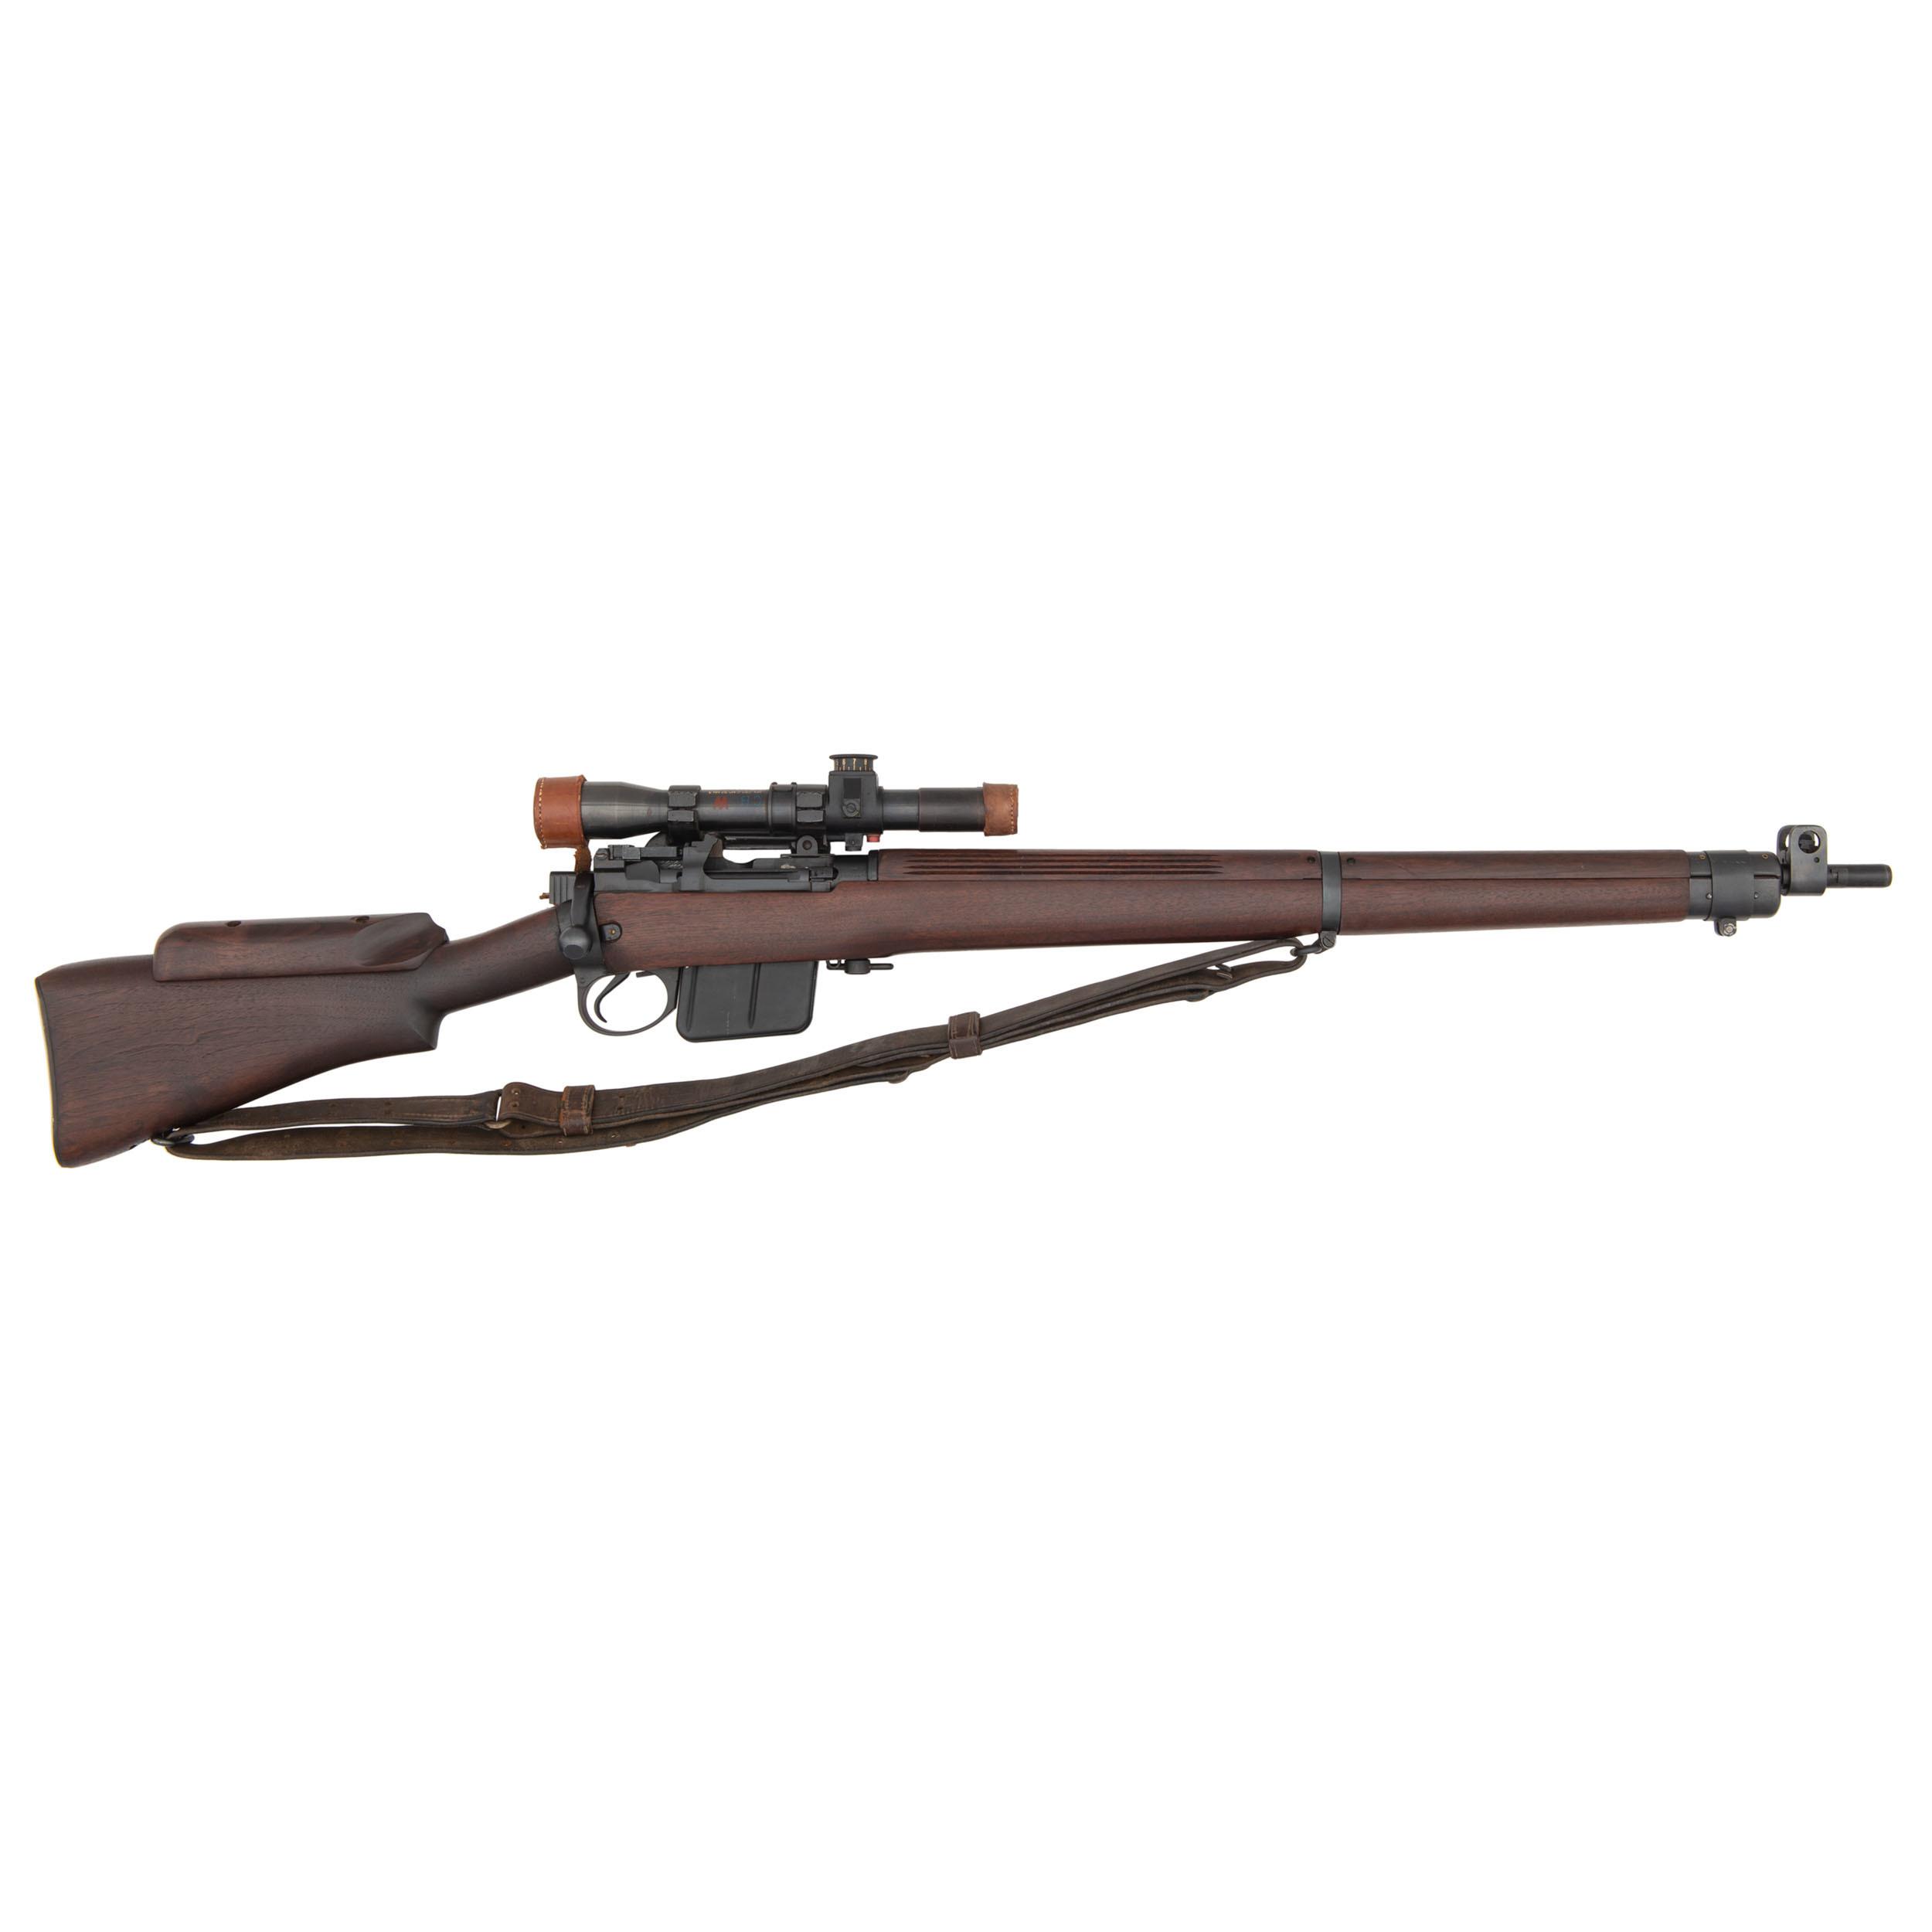 WWII British Lee-Enfield No  4 MkI*(T) Sniper Rifle